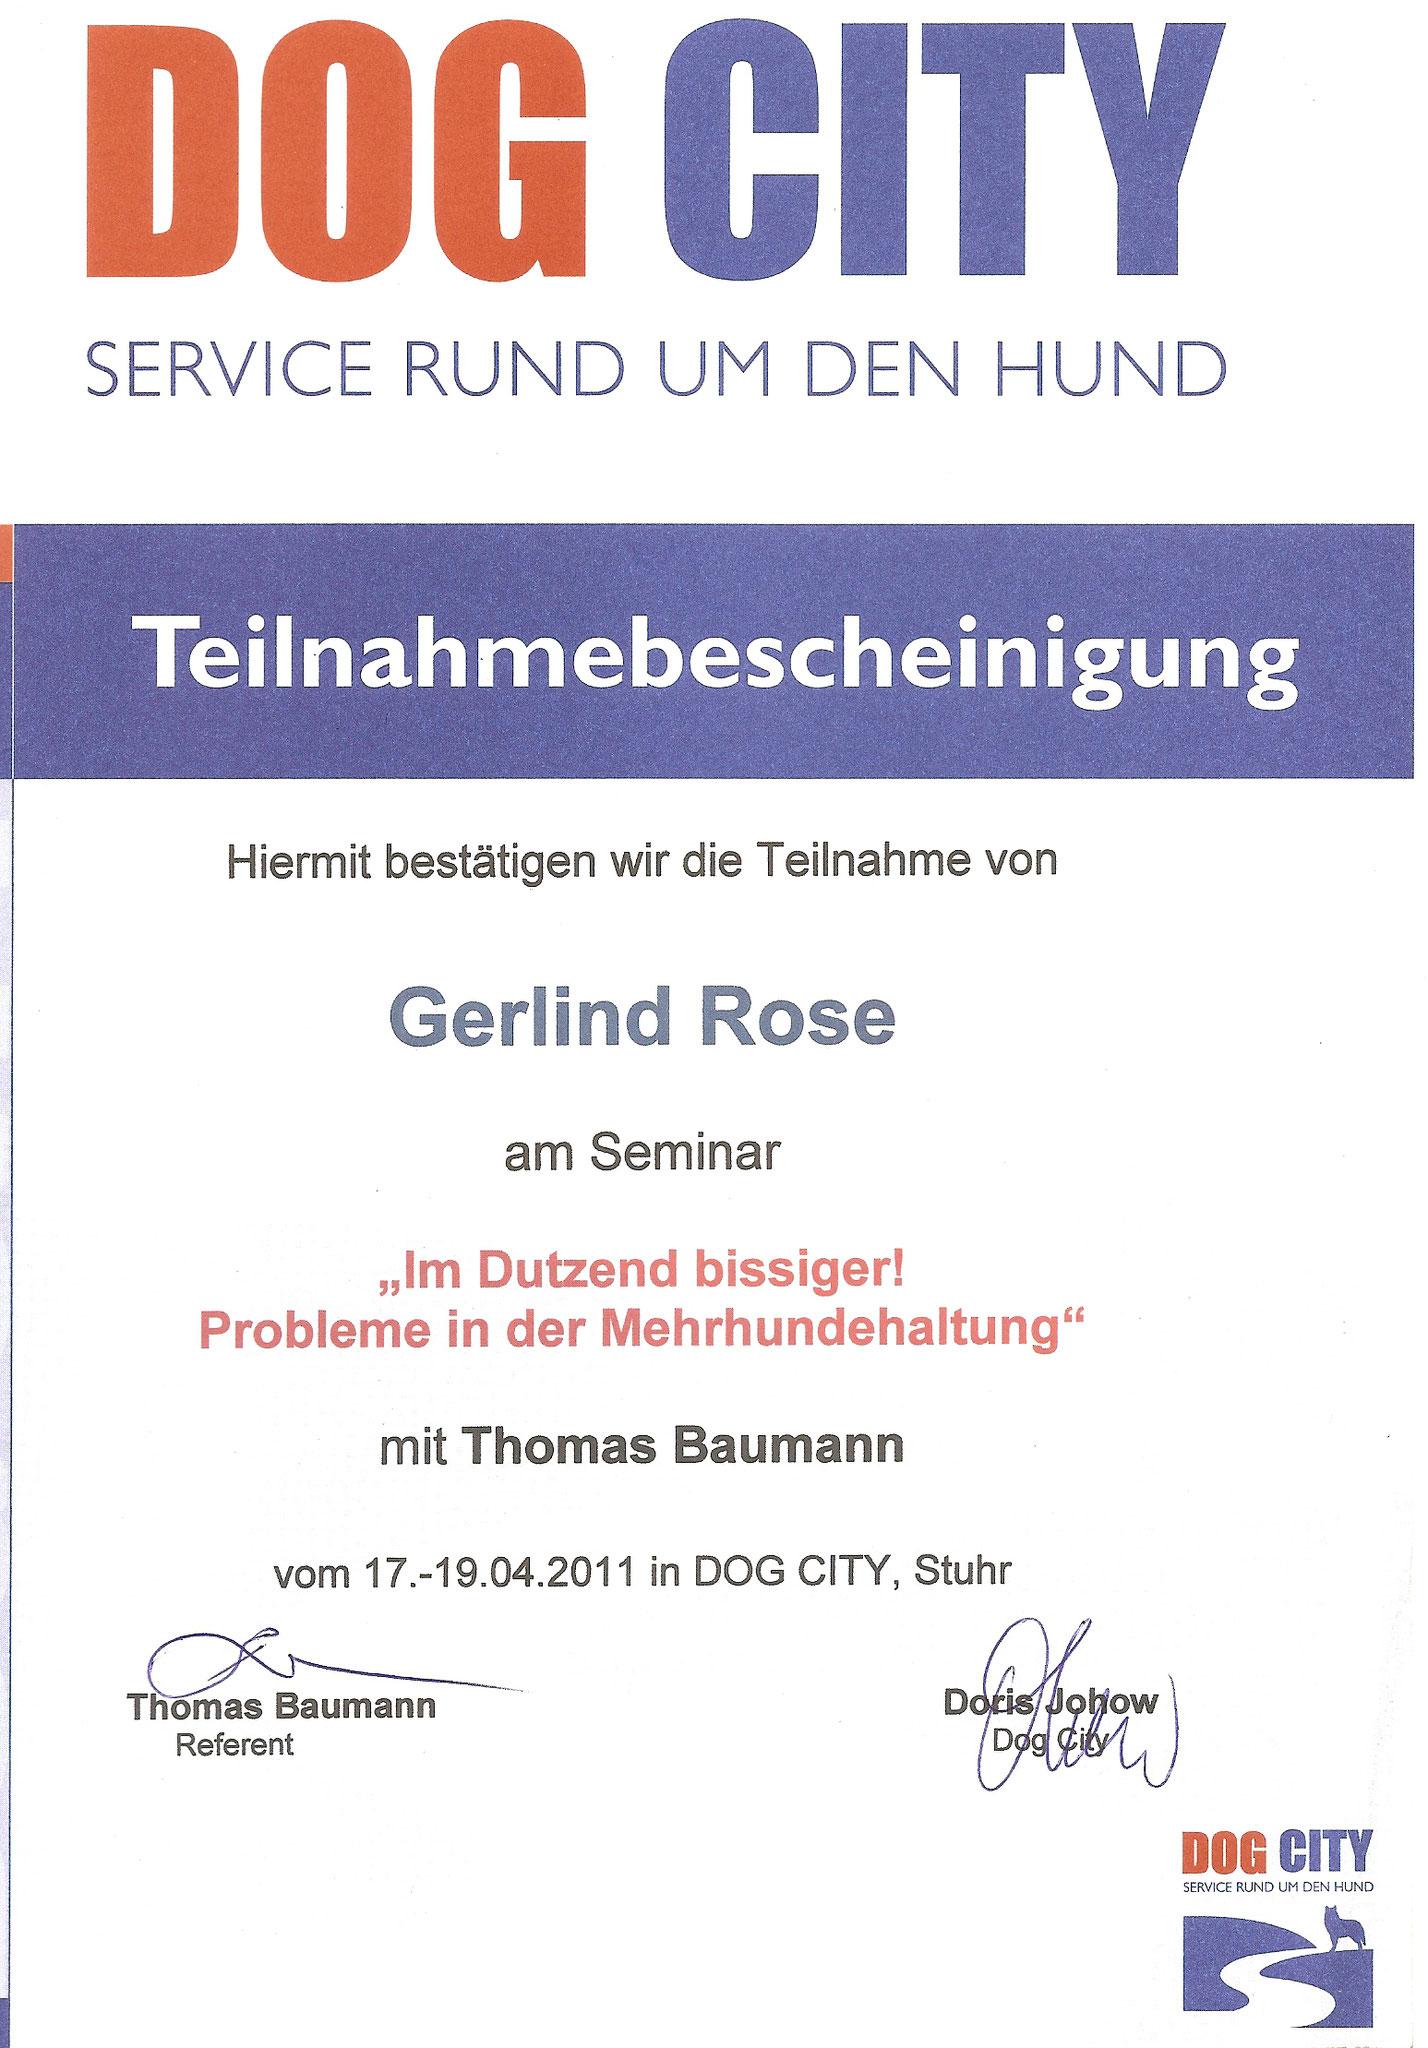 Im Dutzend bissiger / Mehrhundehaltung - Thomas Baumann